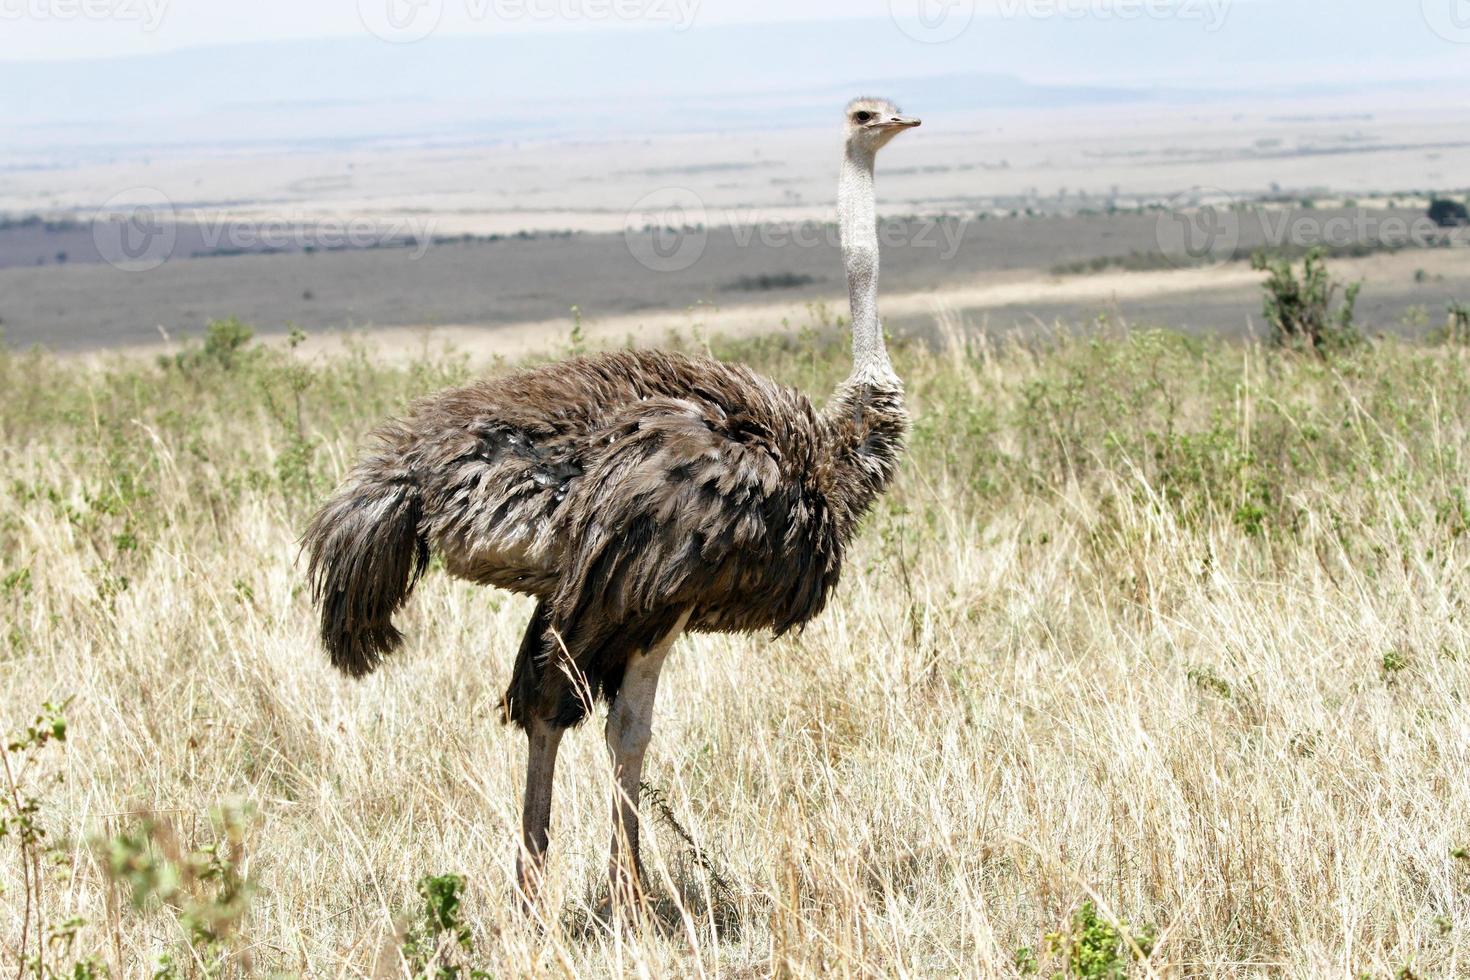 mooie vrouwelijke struisvogel, masai mara, kenia foto